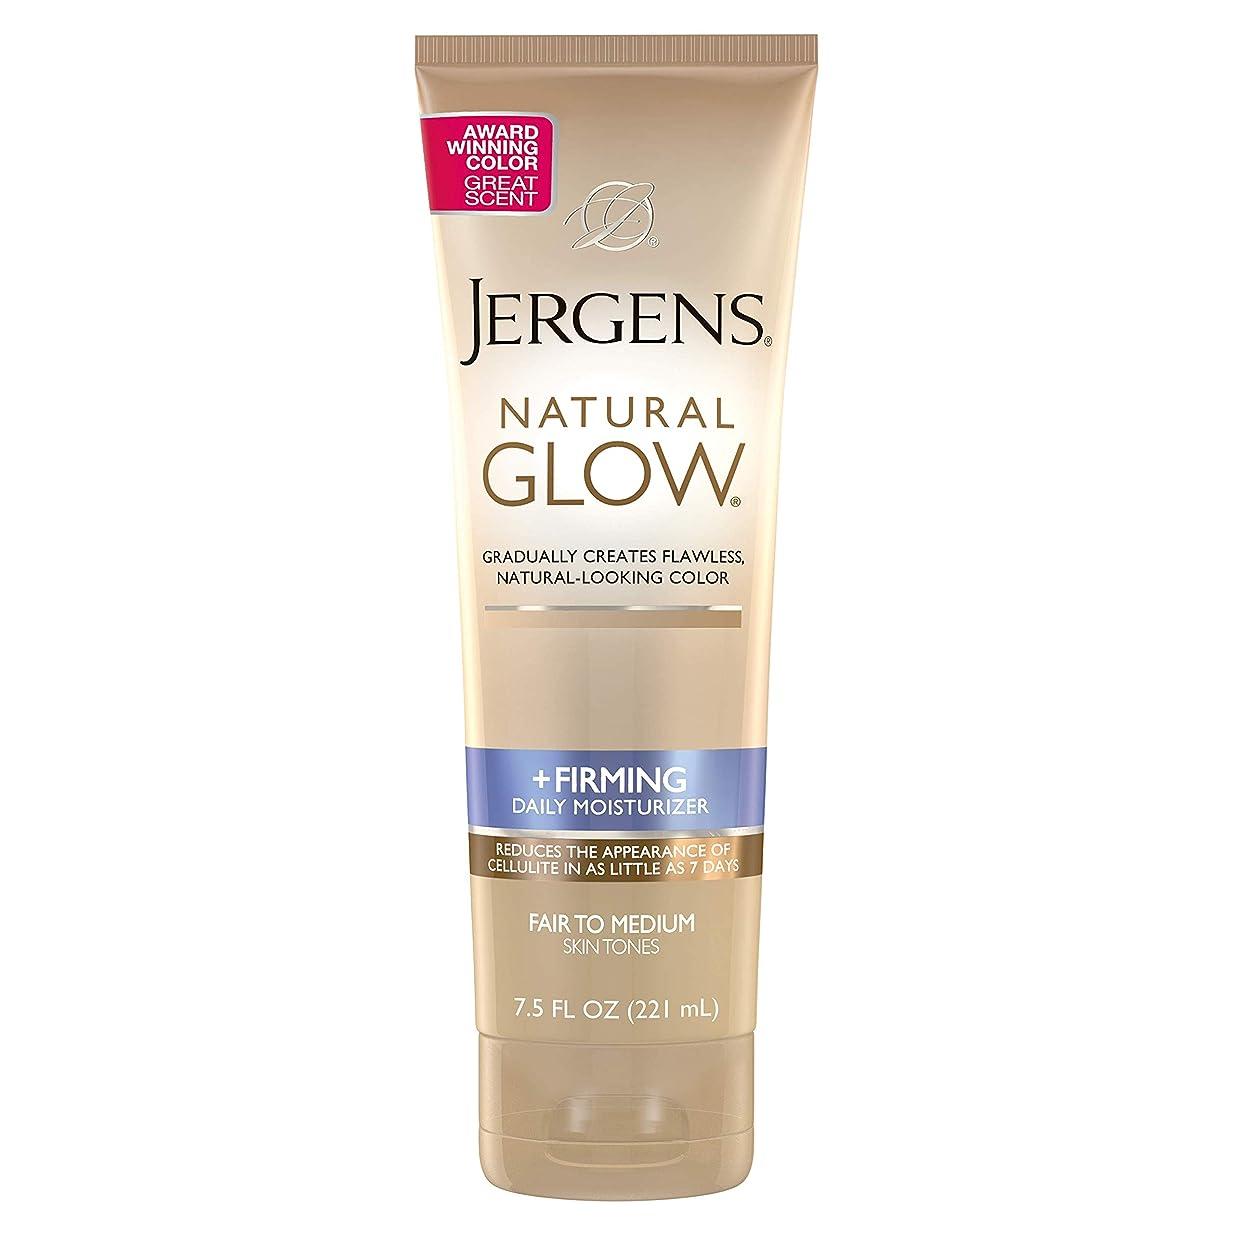 士気クリーナーイソギンチャクNatural Glow Firming Moisturizer for Fair to Mediu Jergens 7.5 oz Moisturizer For Unisex (並行輸入品)